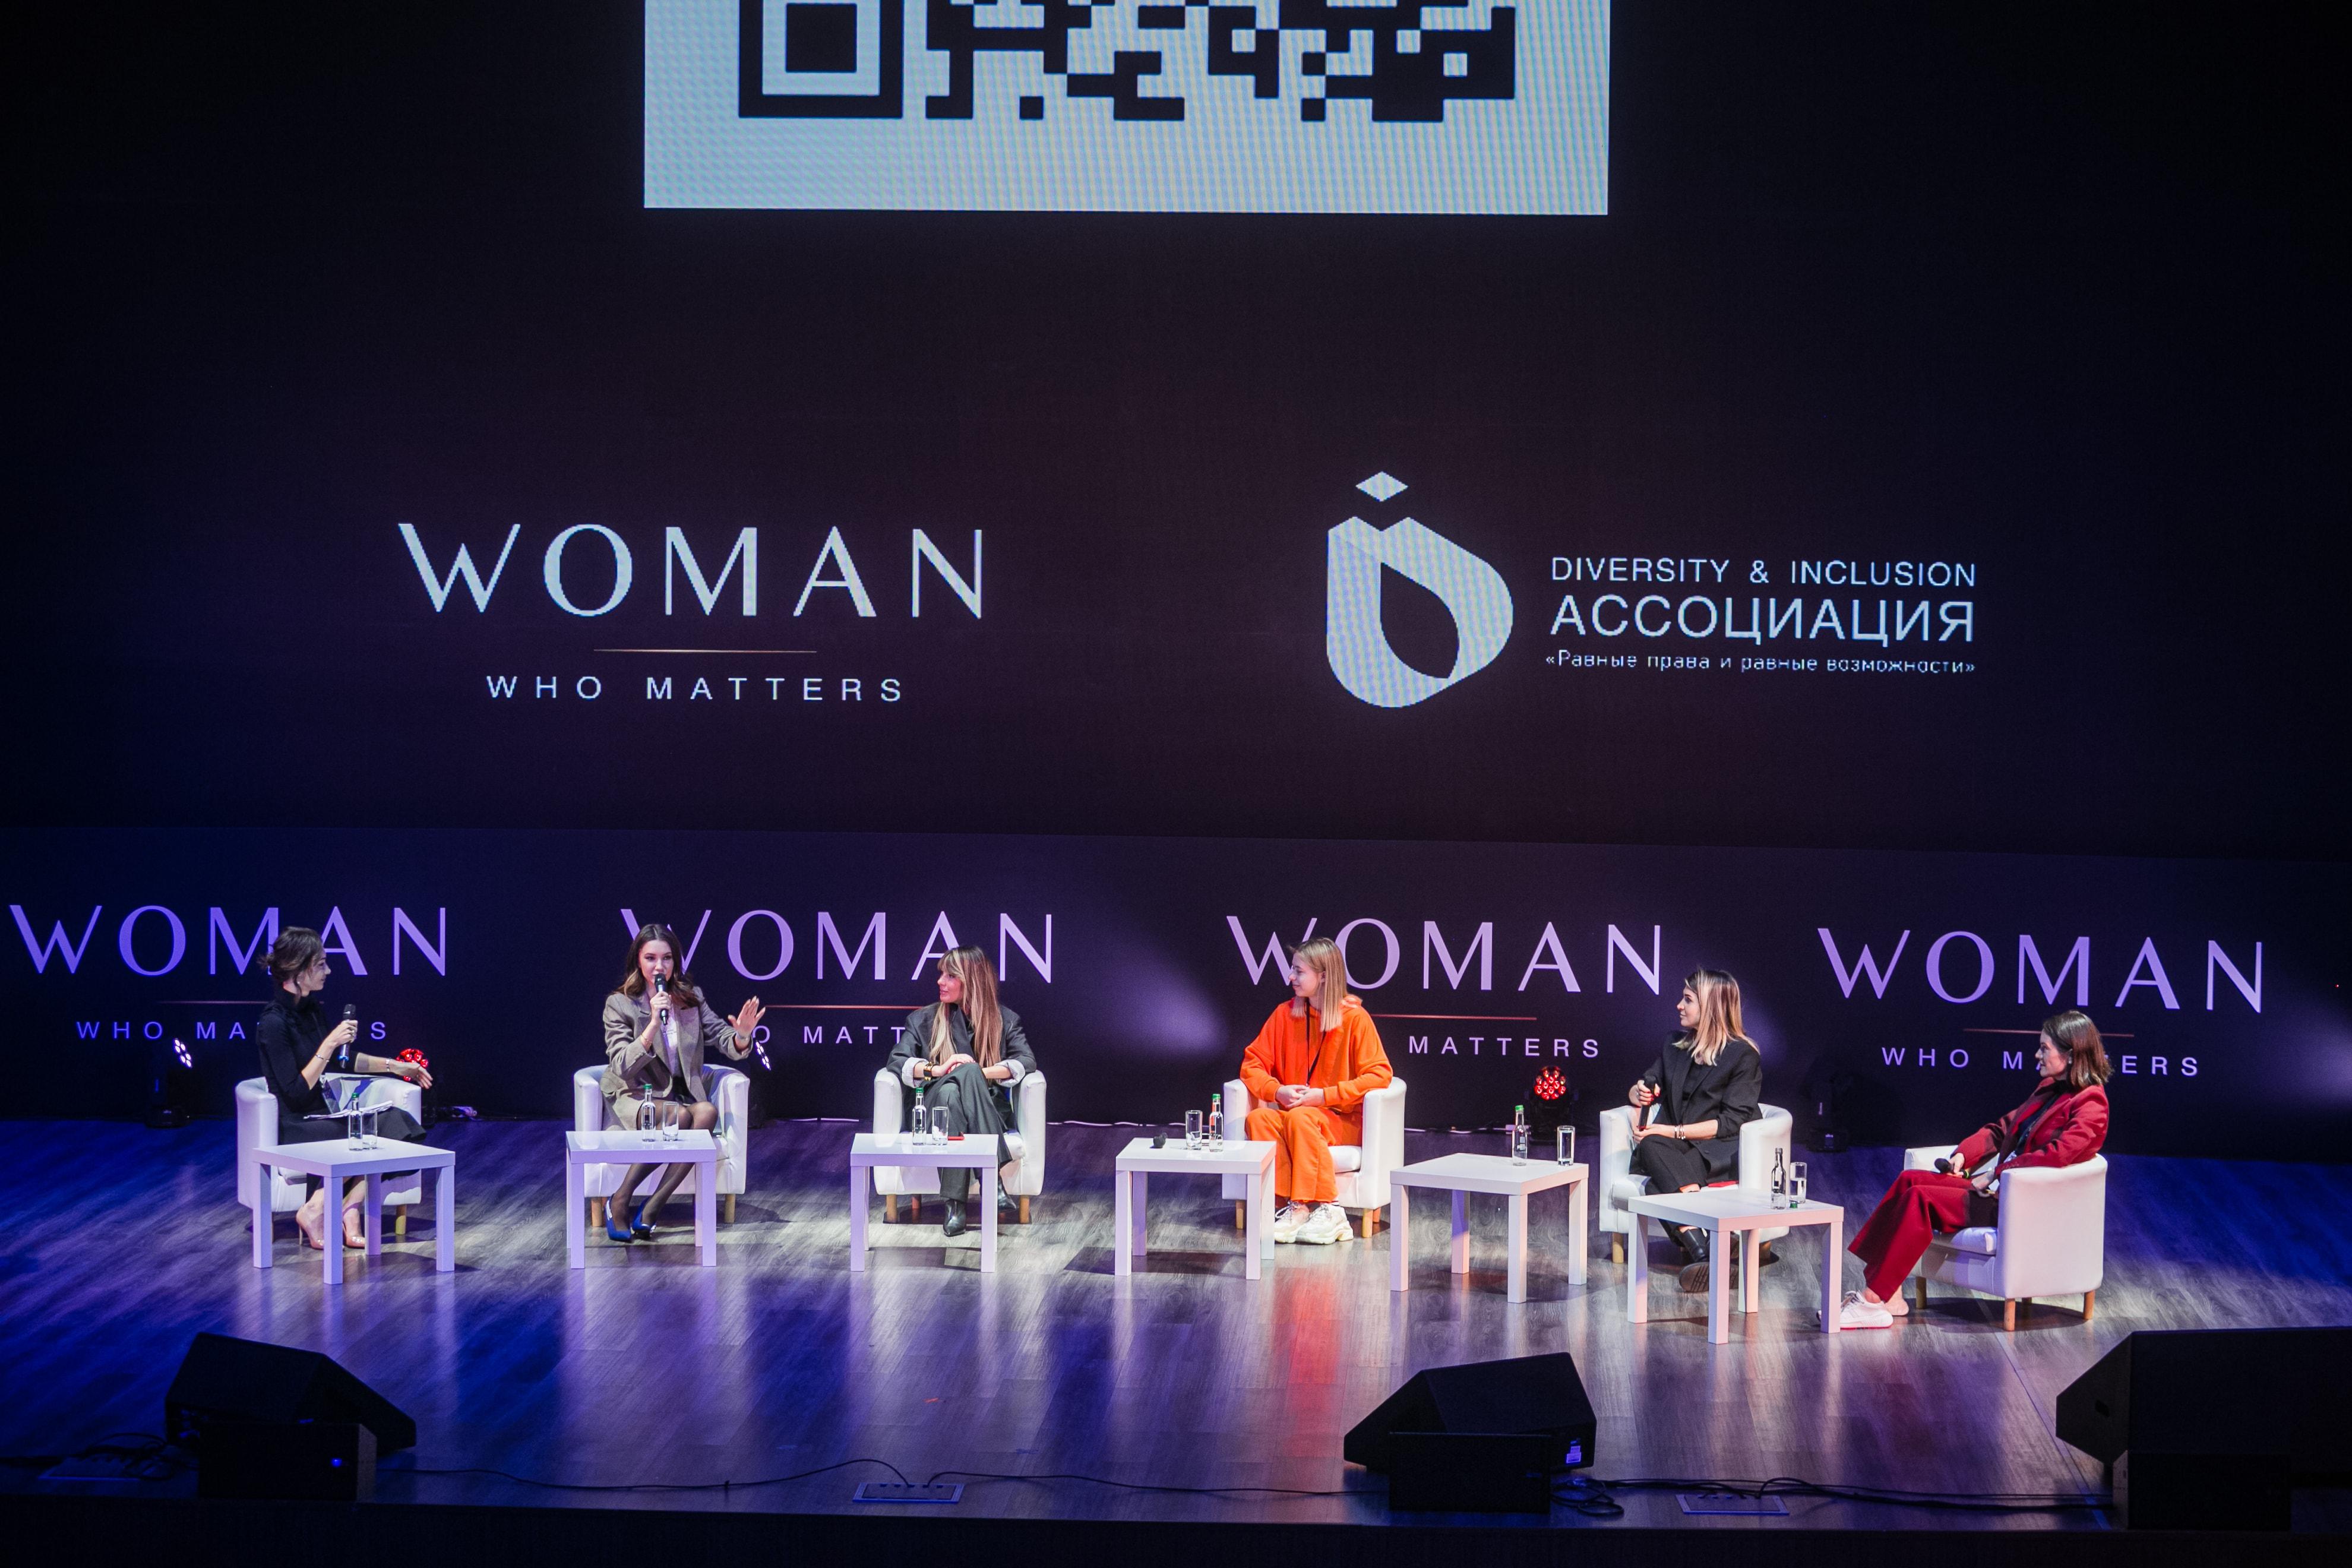 Искусство женского бизнеса обсудили на международном форуме в Москве